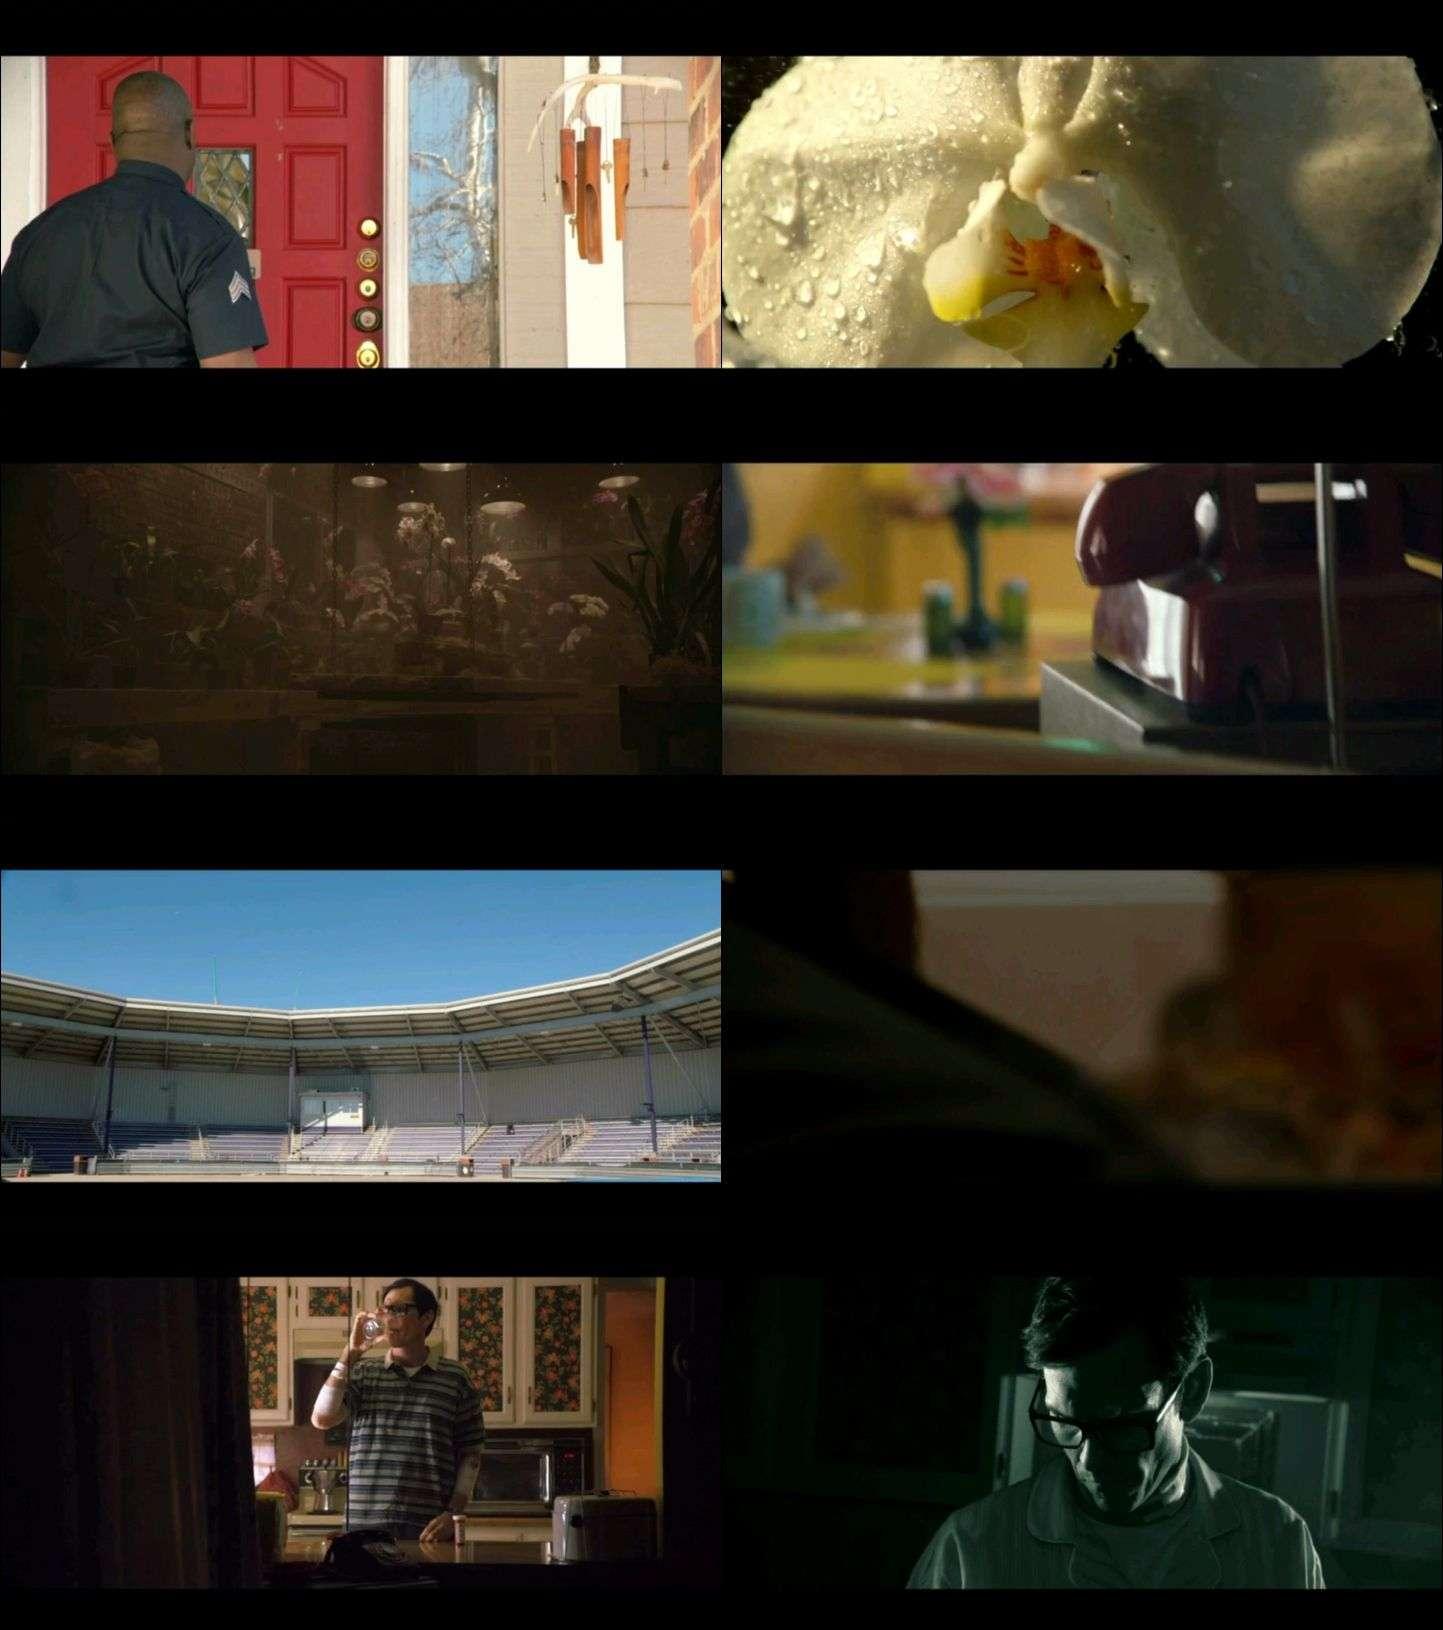 Çürüme - Decay (2015) türkçe dublaj film indir